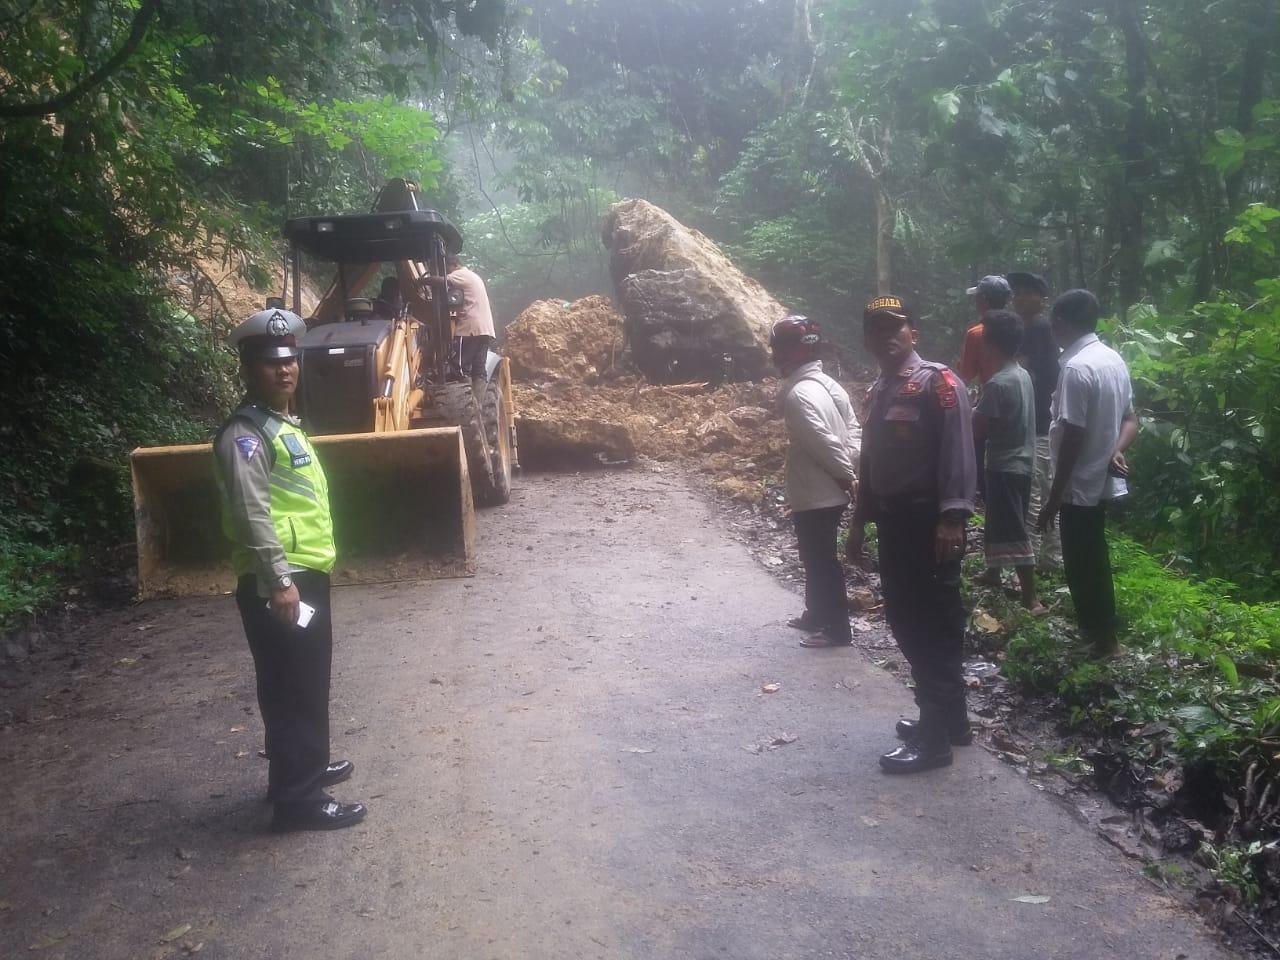 Giat pengamanan, pembersihan dan pengaturan lalu lintas oleh personil Polsek Panti, Jum'at (18/1/19).